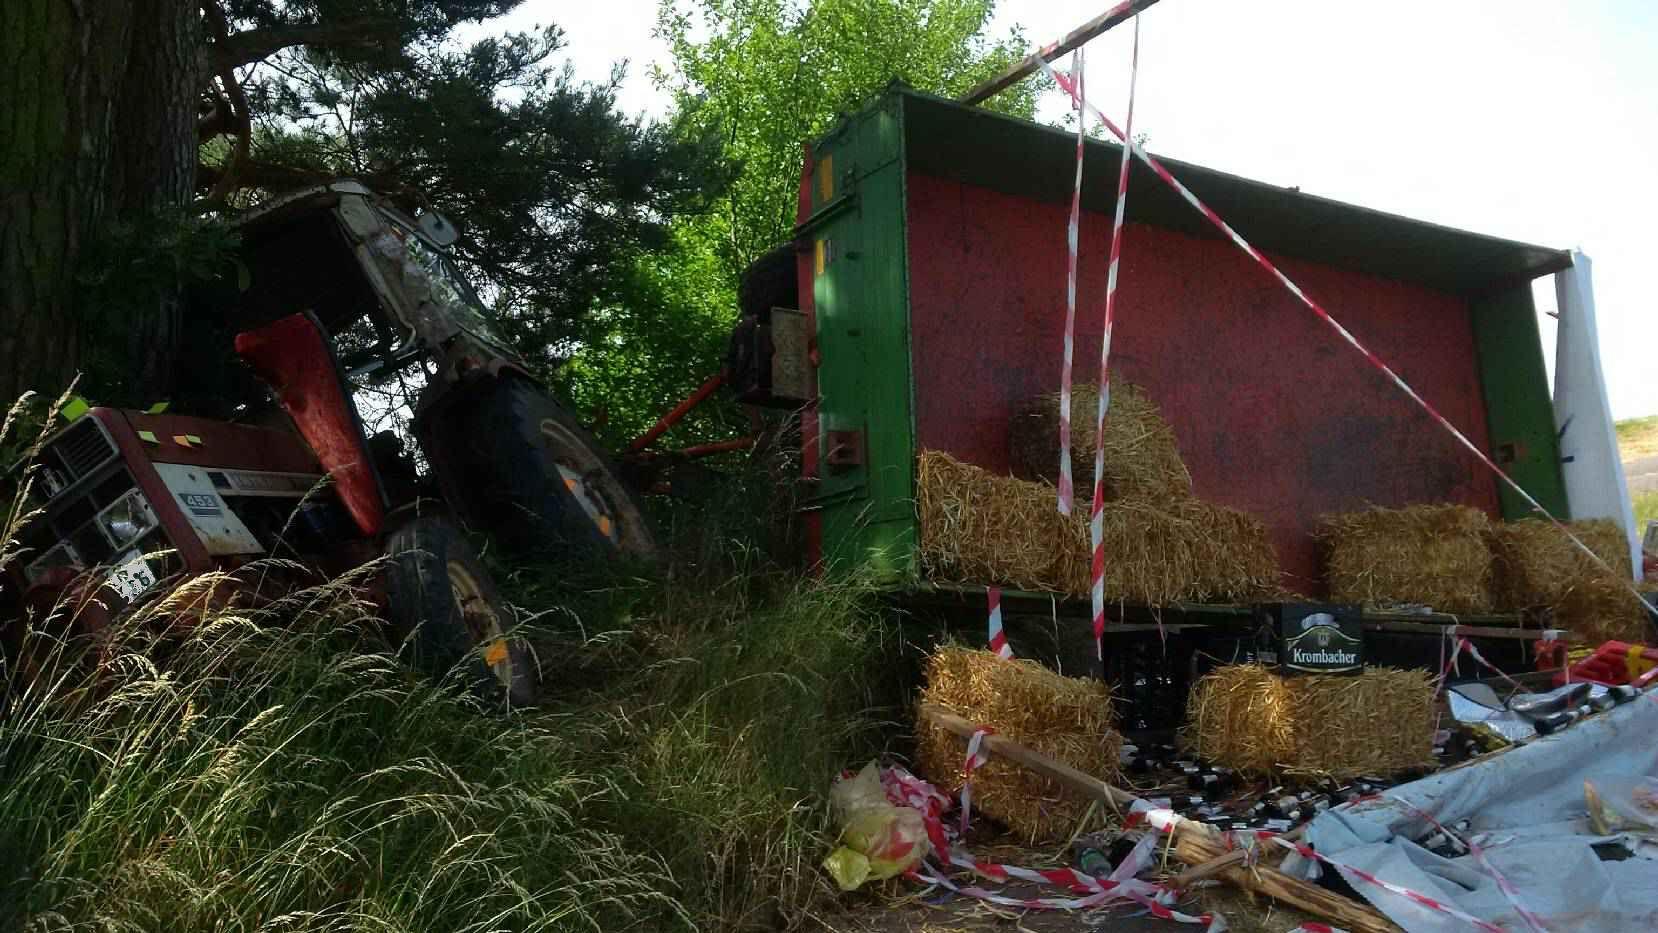 Mit Traktor gegen Baum: Schüler bei Abschlussfahrt verletzt